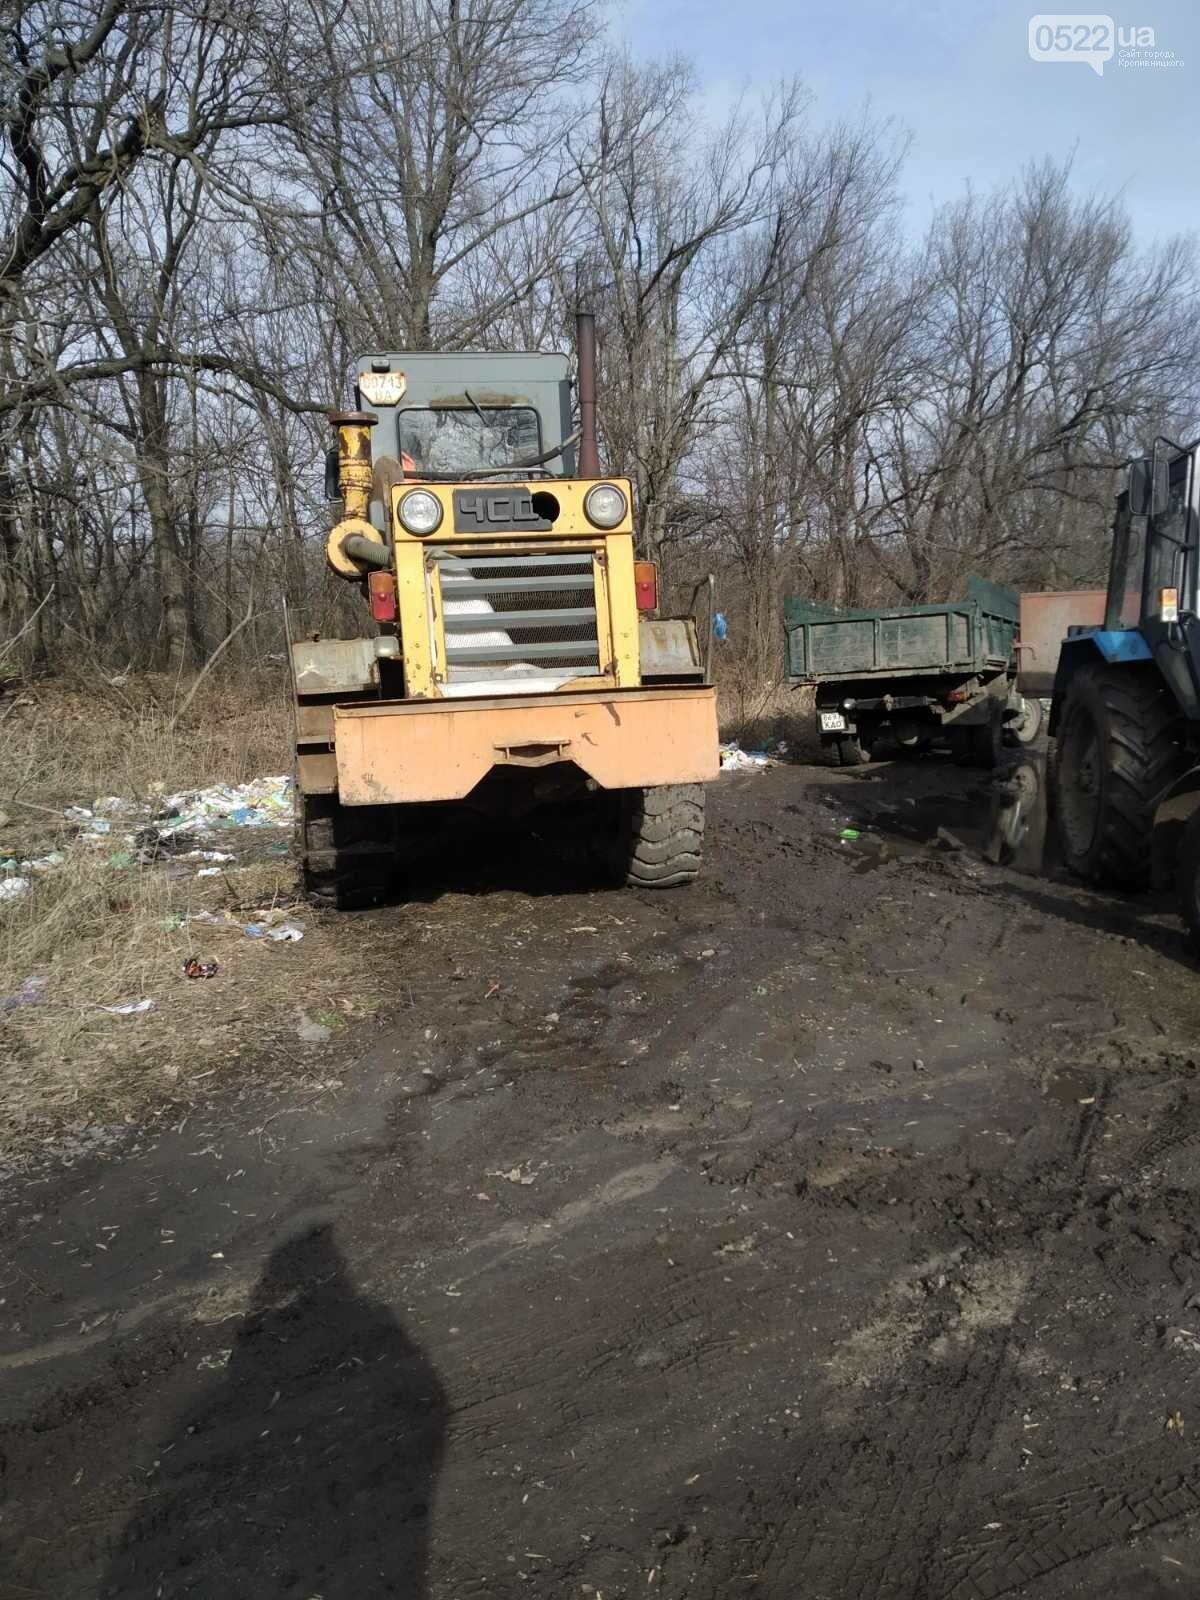 Працівники Кіровоградського облавтодору ліквідували несанкціоноване сміттєзвалище, фото-3